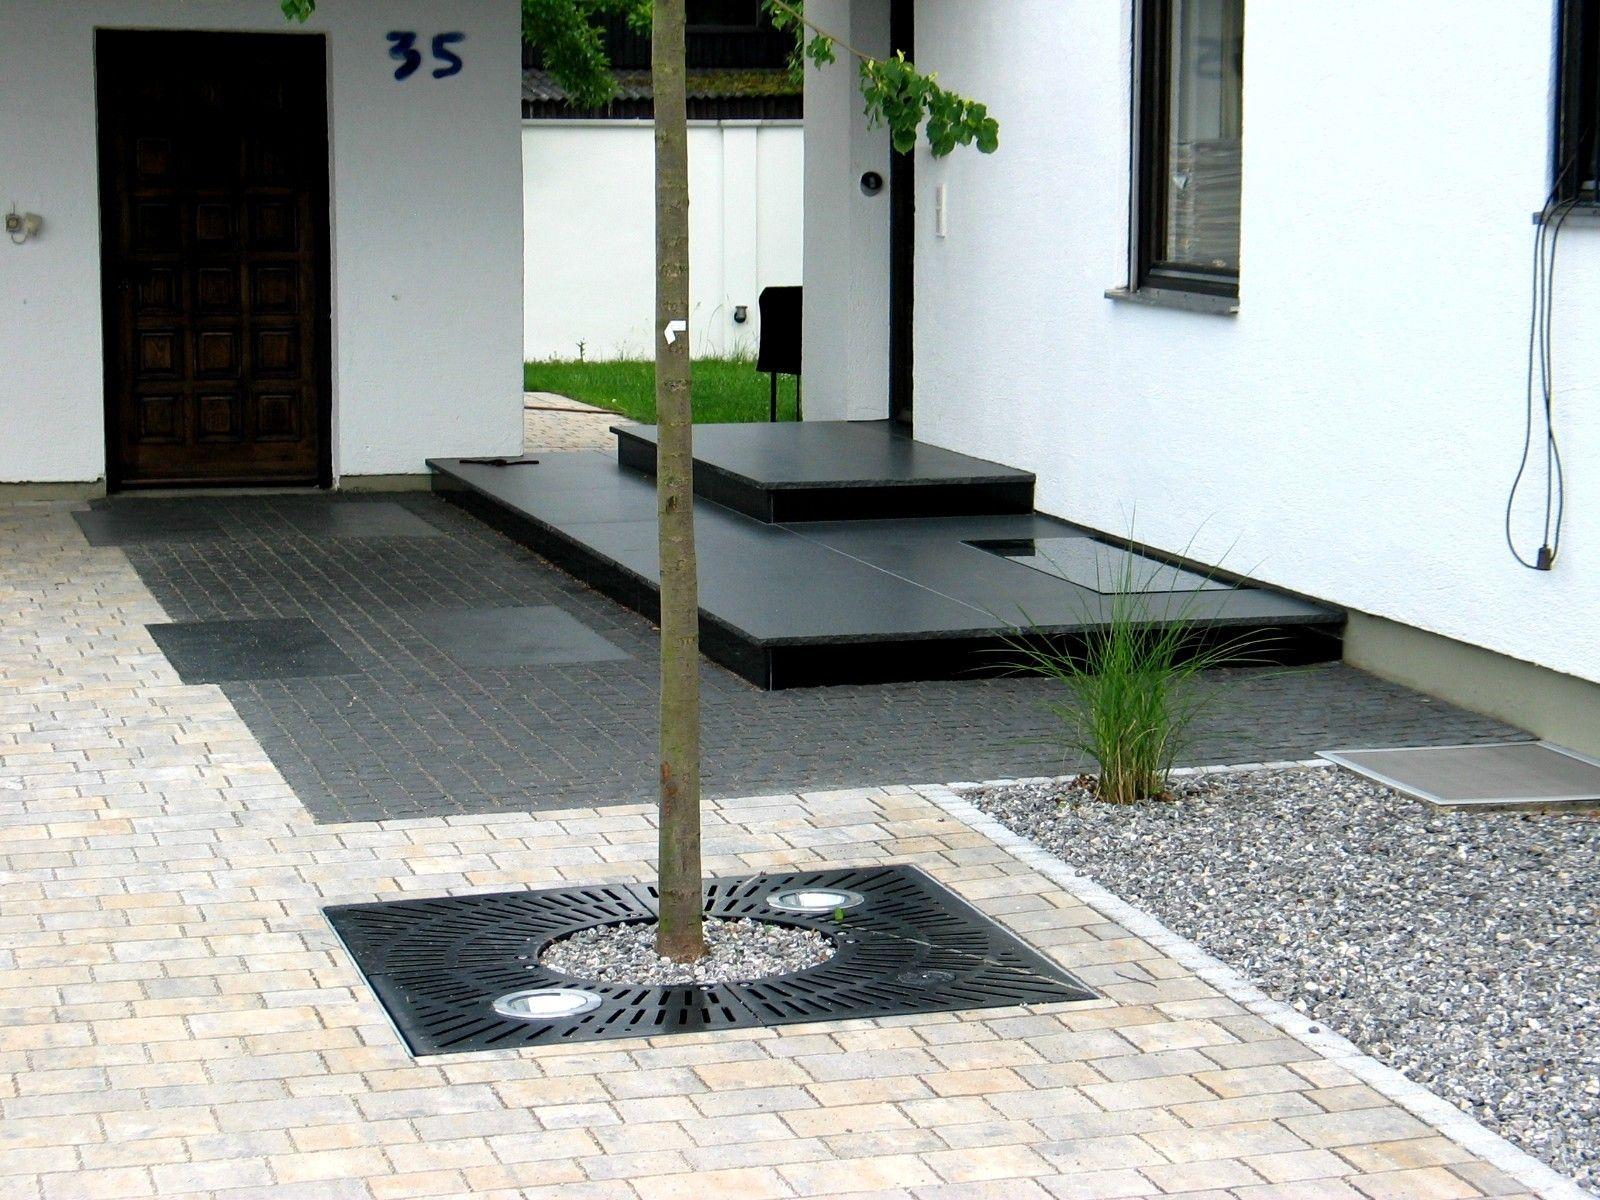 Www.vielfalt-stein.de Bilder Sonderanfertigungen Eingangspodest ... Fliesen Im Vorgarten